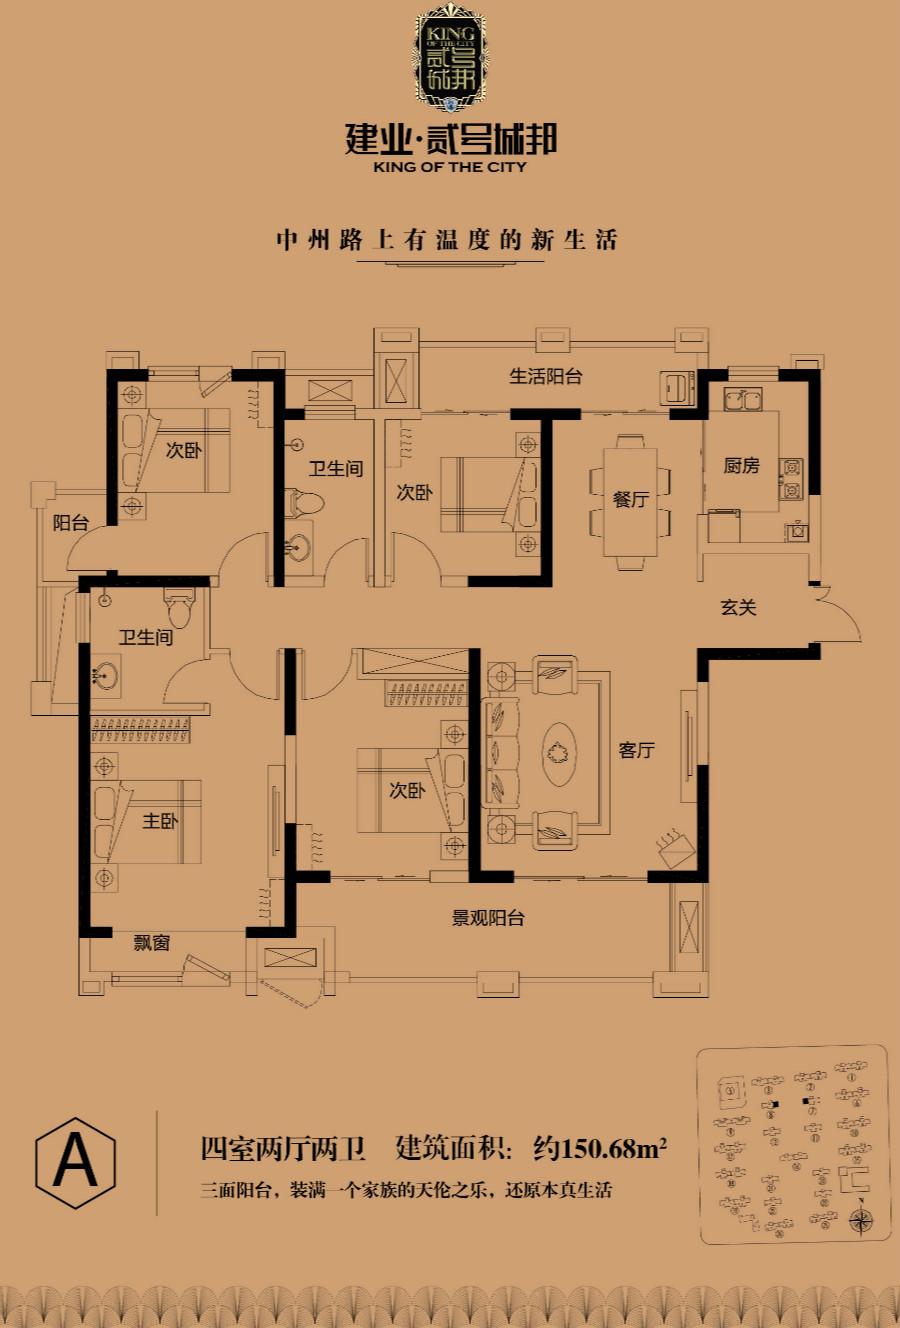 建业贰号城邦a户型-四室二厅二卫一厨(150.68平米)图